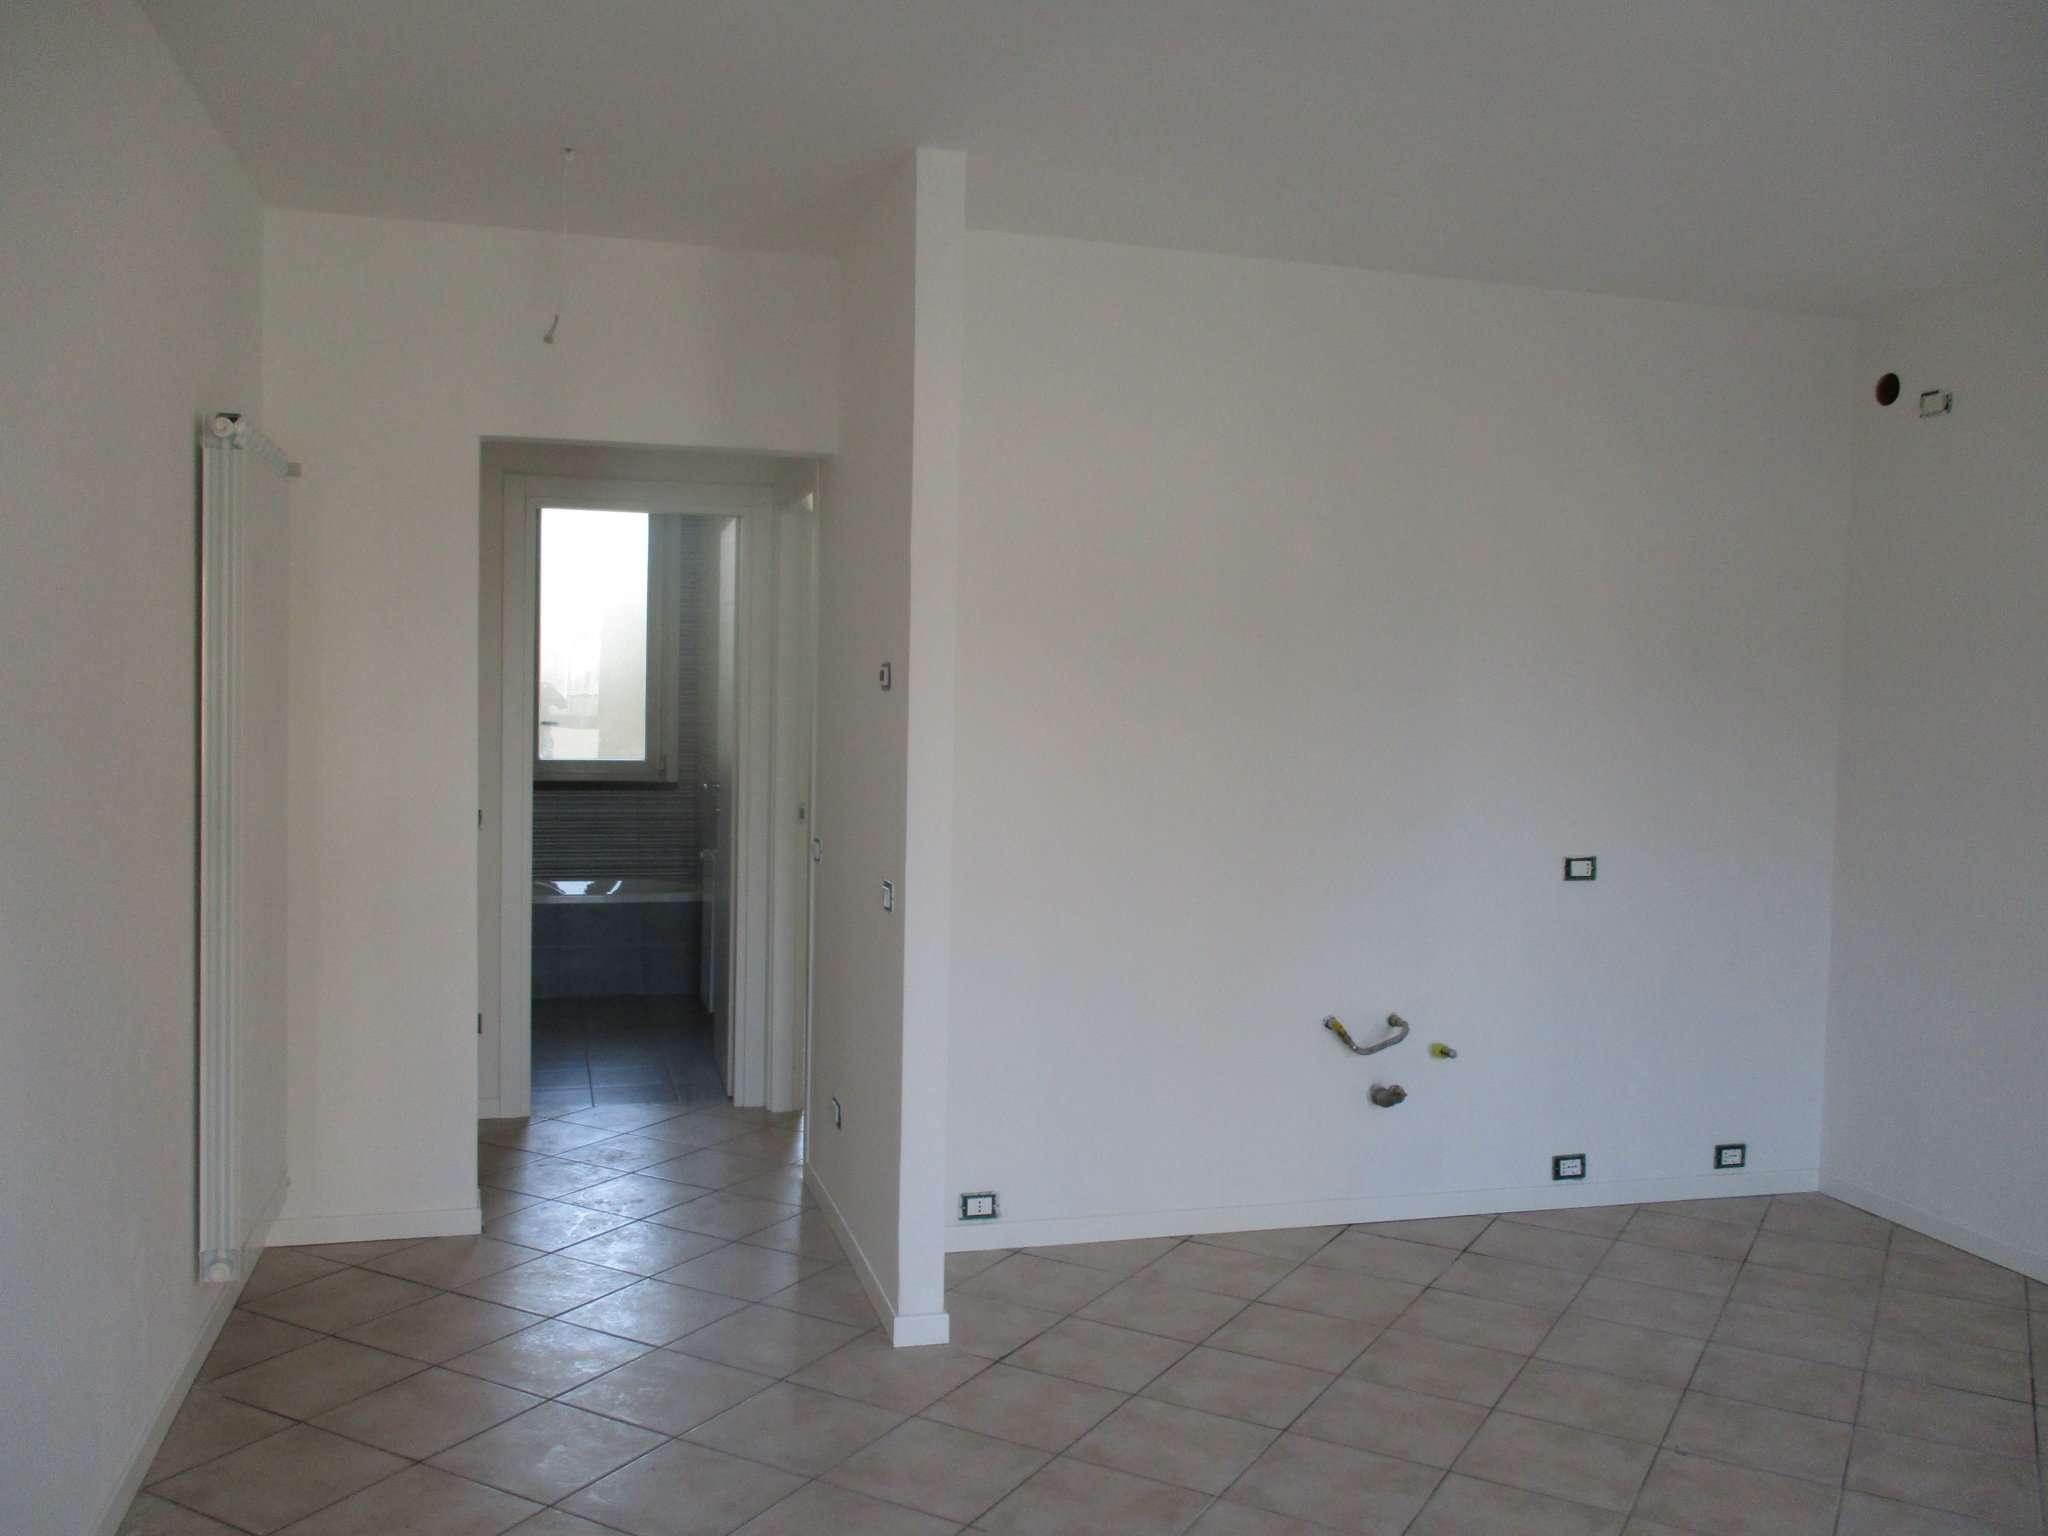 Appartamento in vendita a Antegnate, 2 locali, prezzo € 64.000   CambioCasa.it